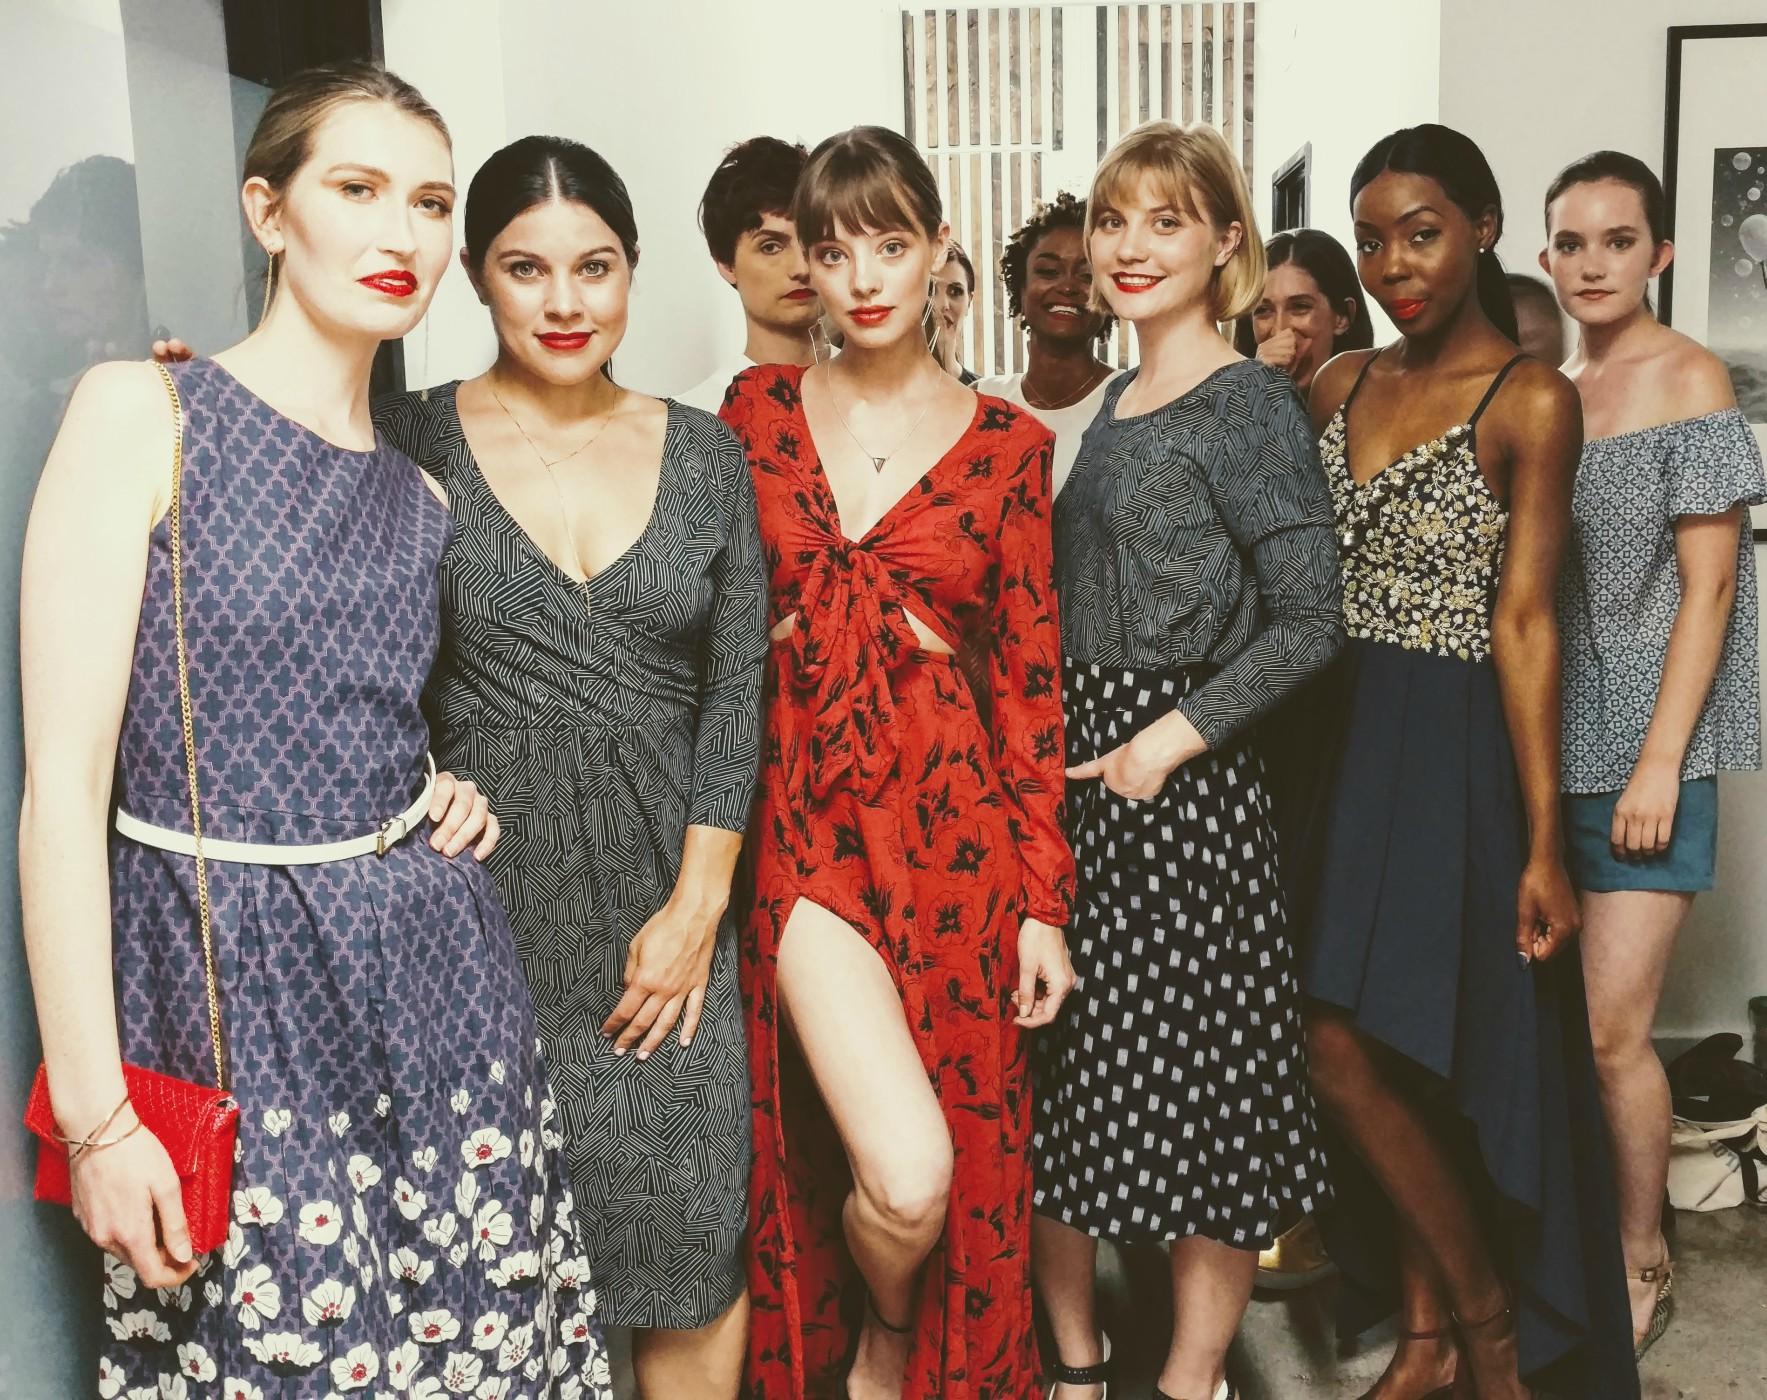 Victims fashion rare photo